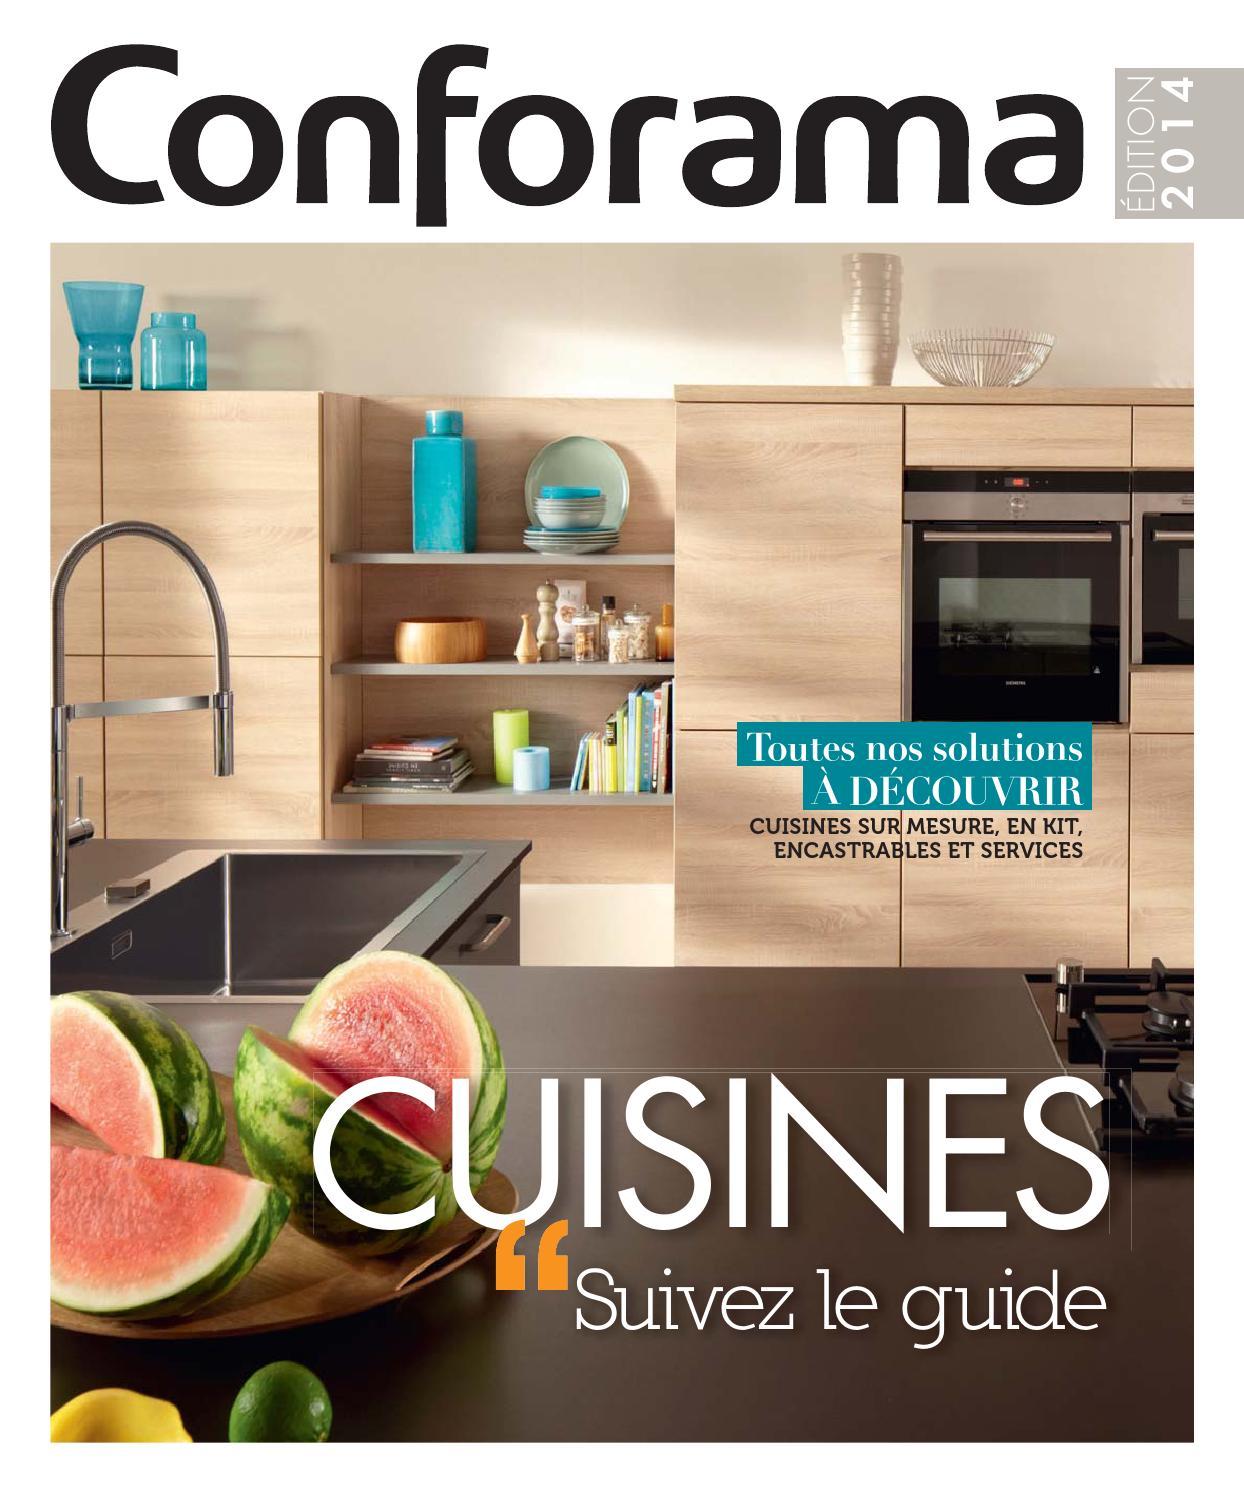 catalogue conforama guide cuisines